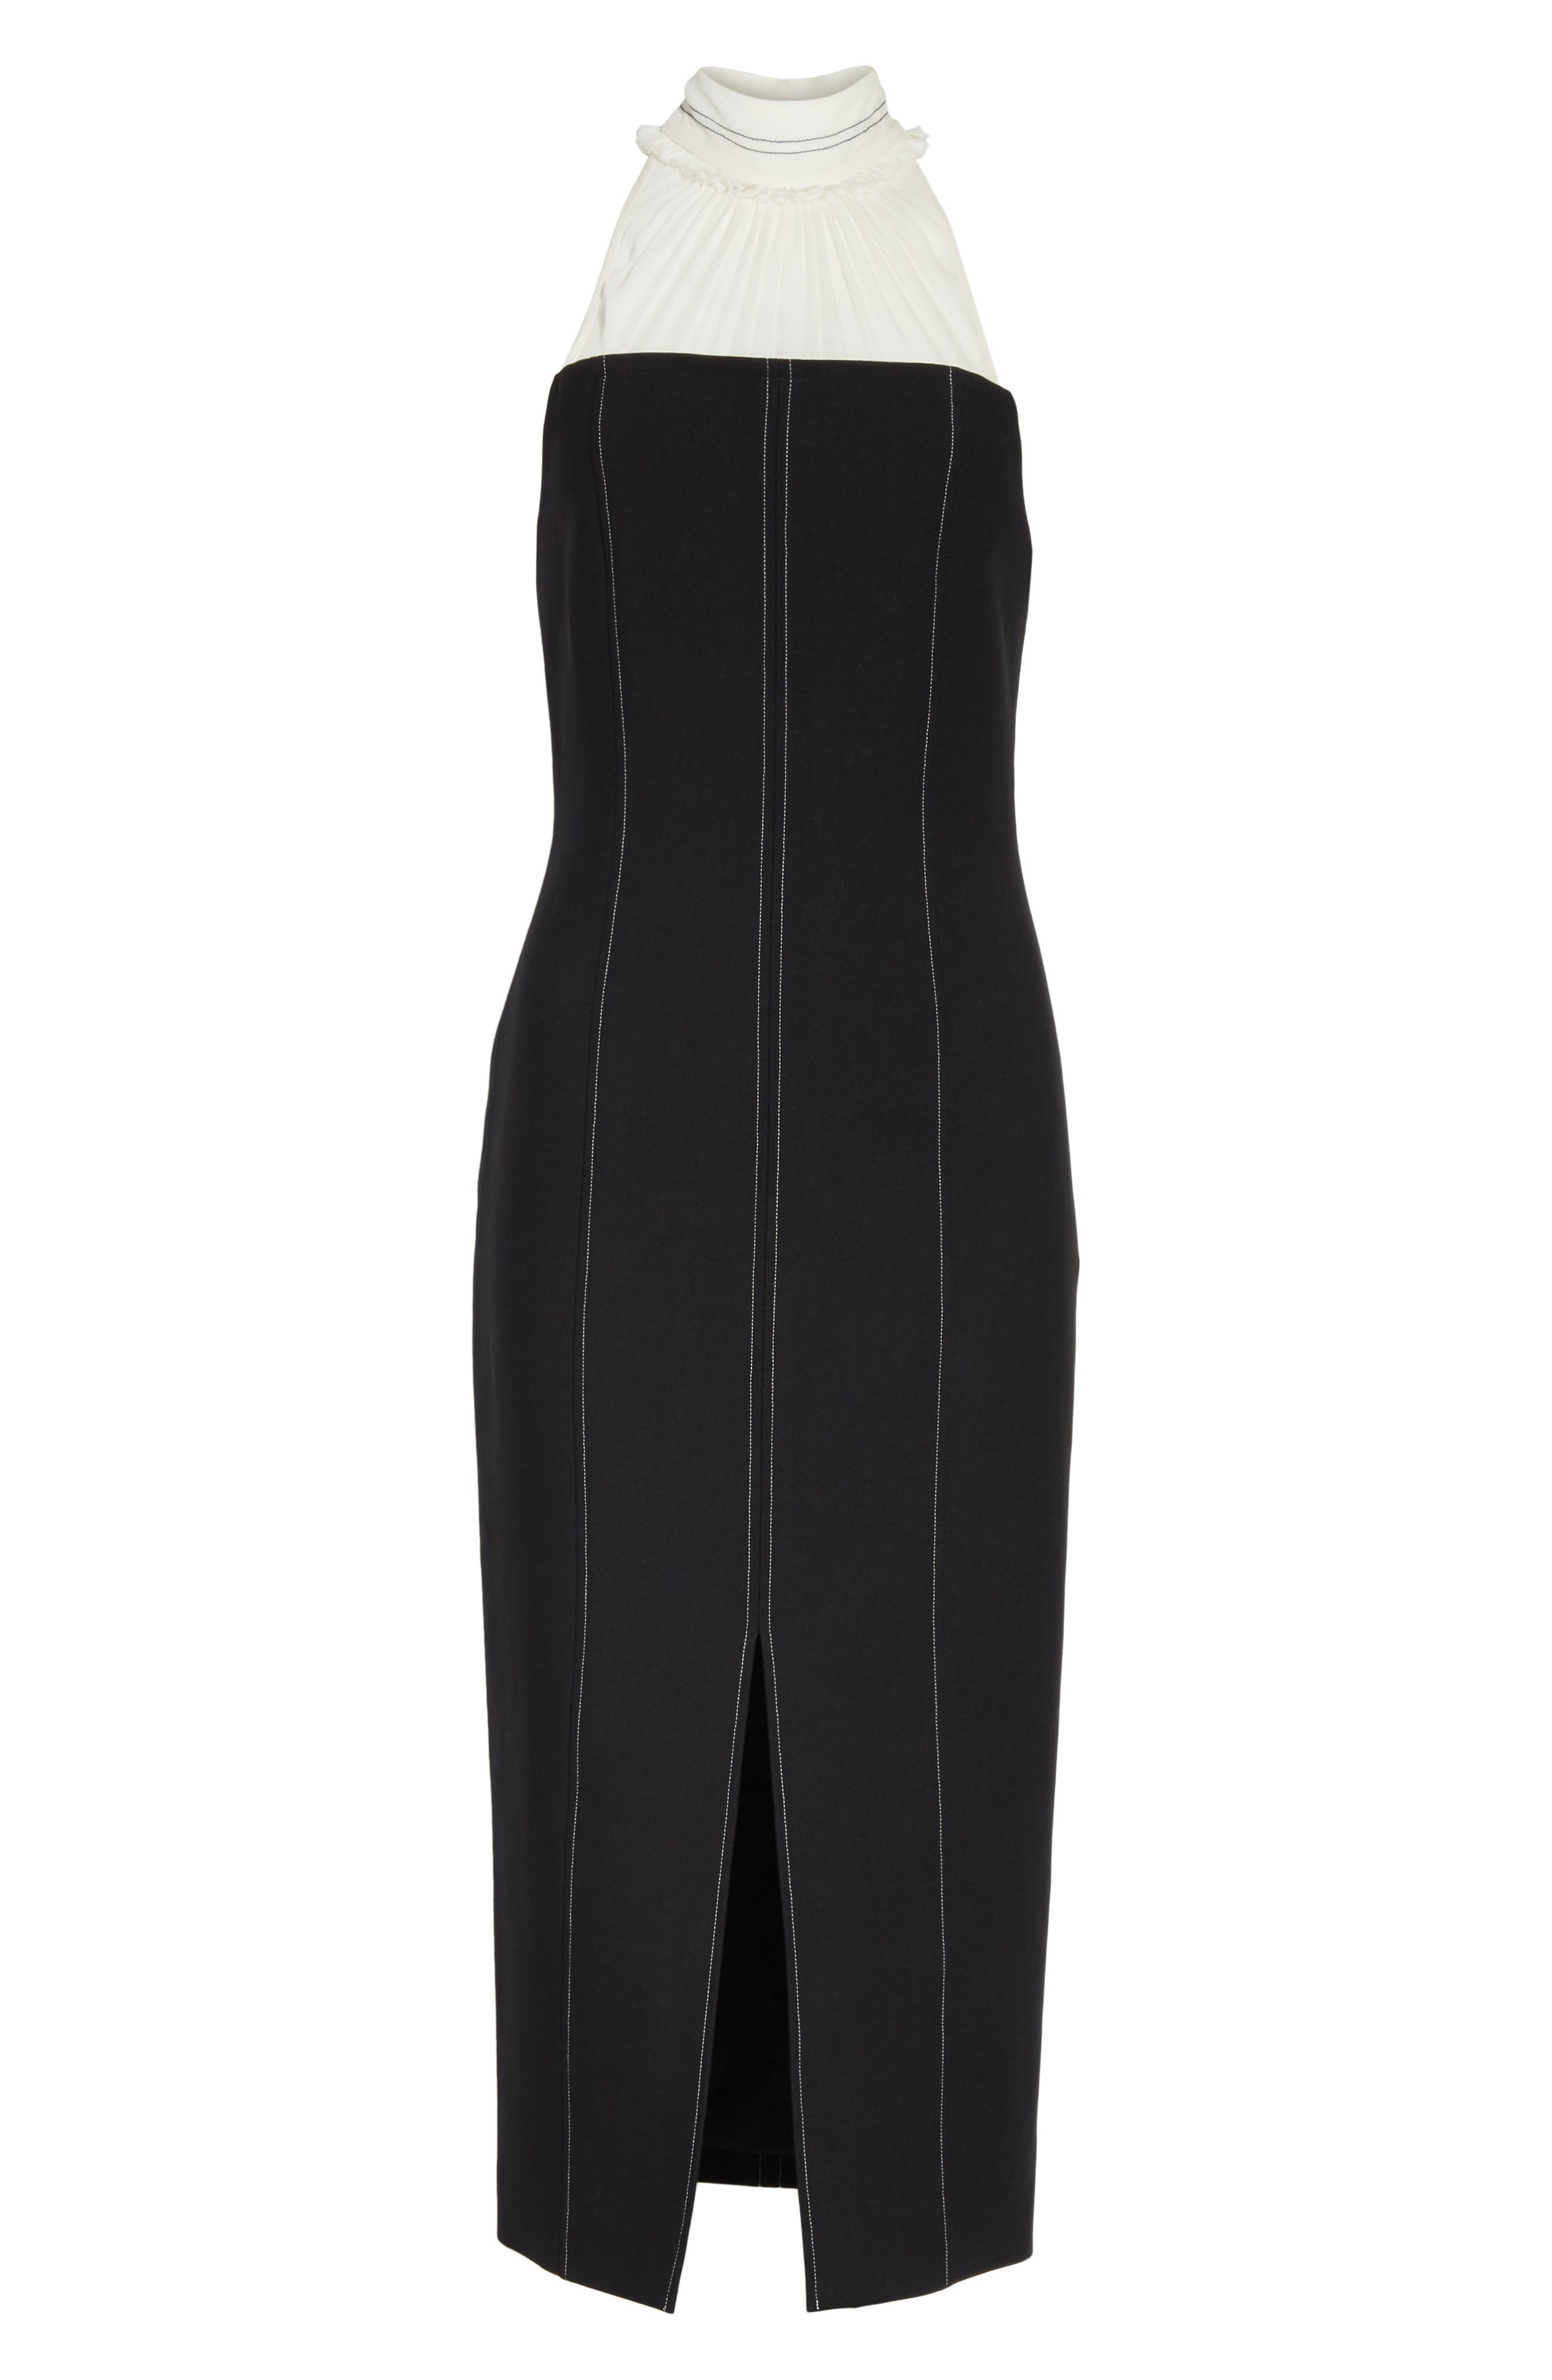 Noemi Halter Neck Dress,                             Alternate thumbnail 6, color,                             015